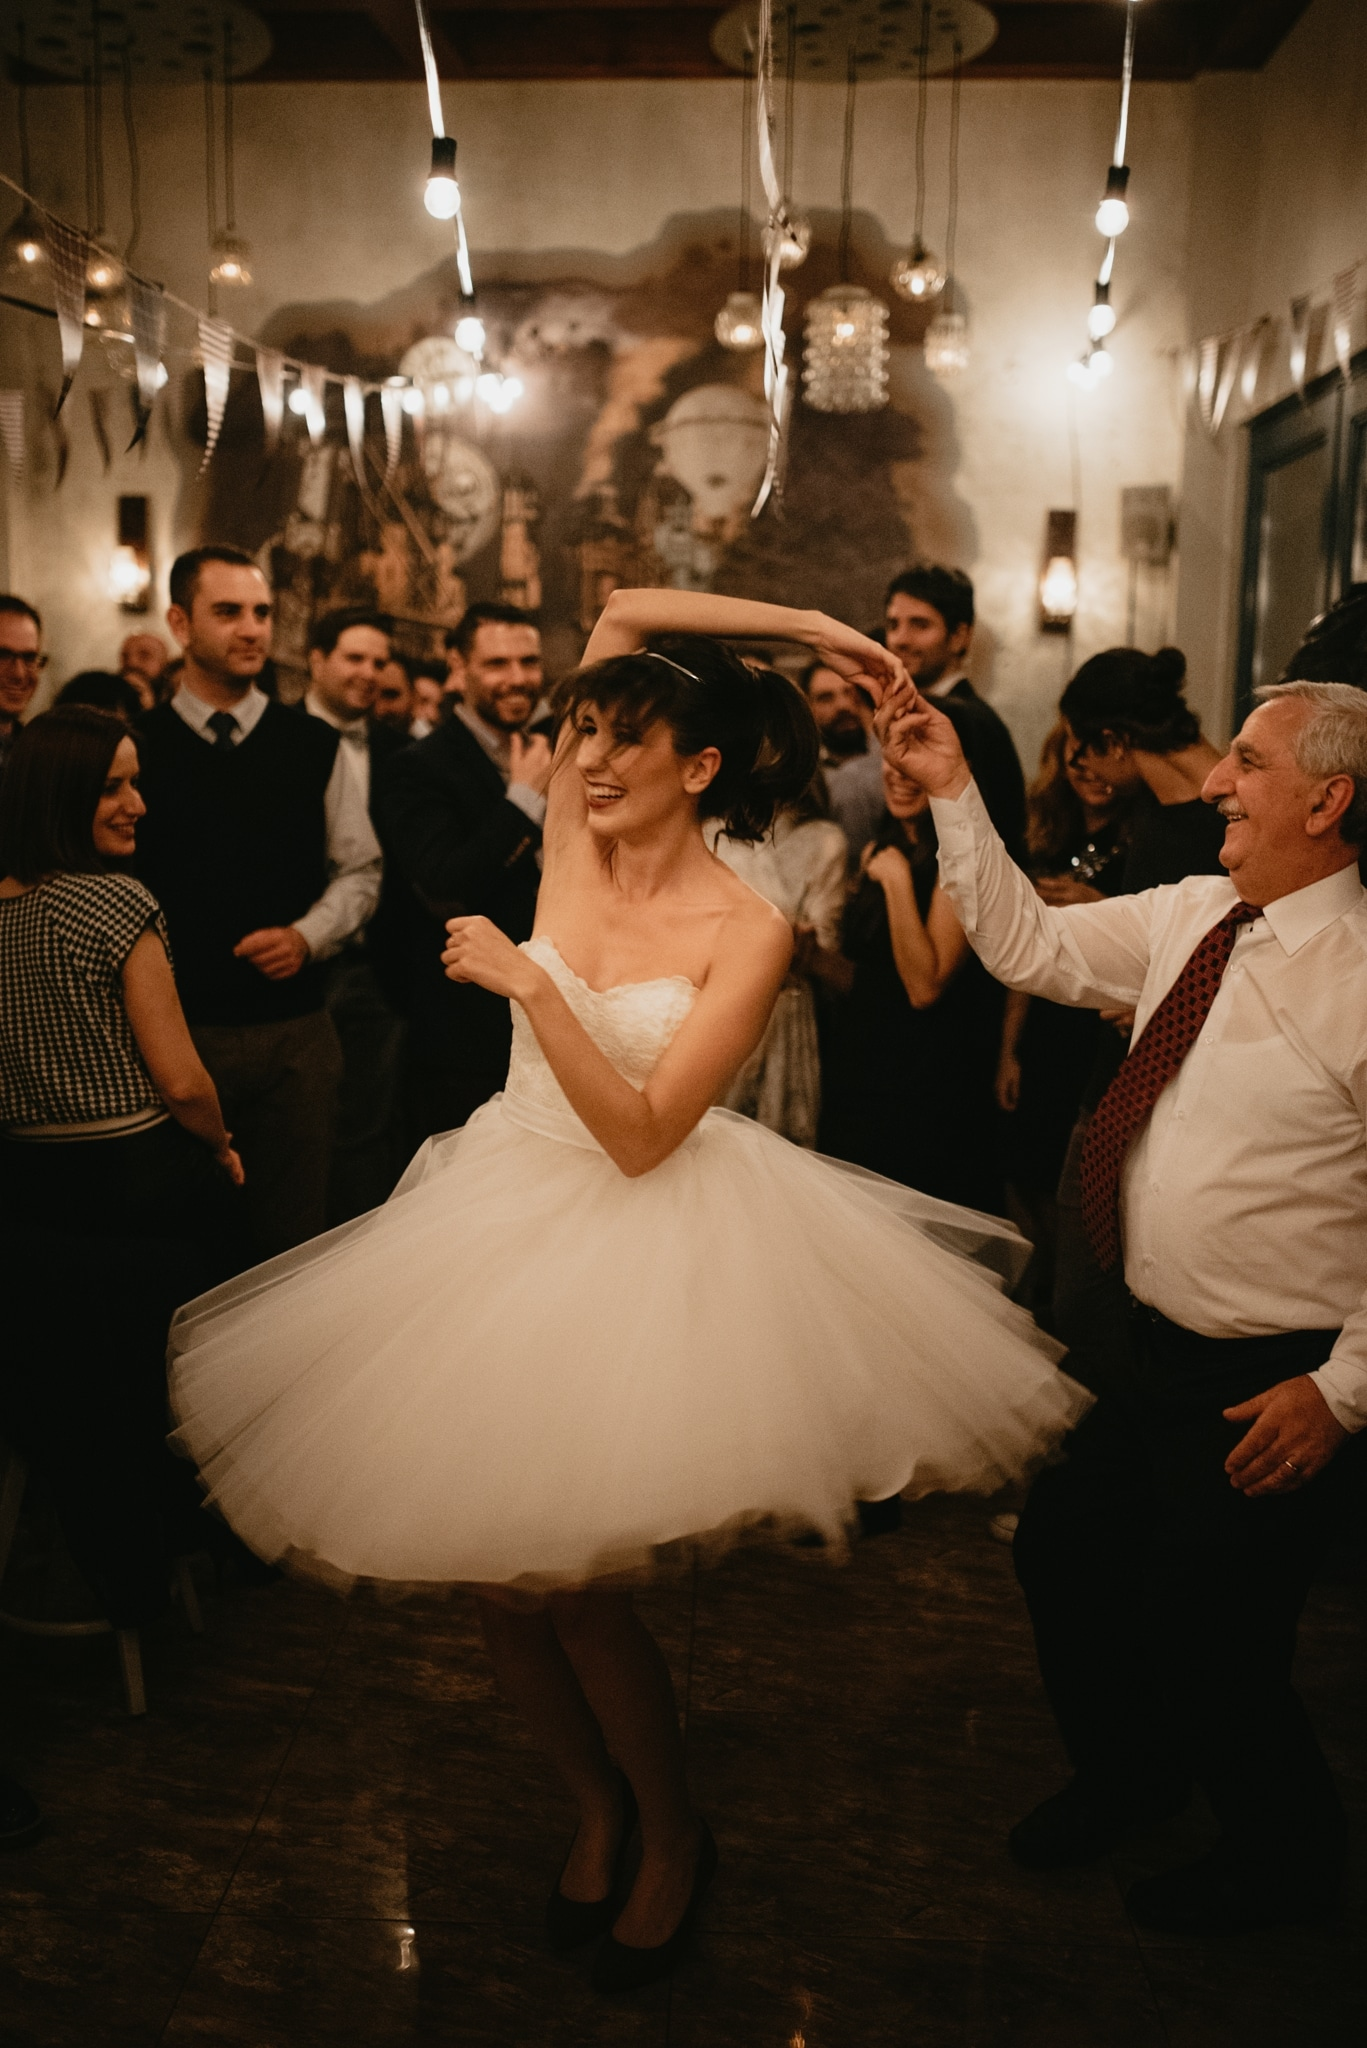 Fairytale vintage wedding